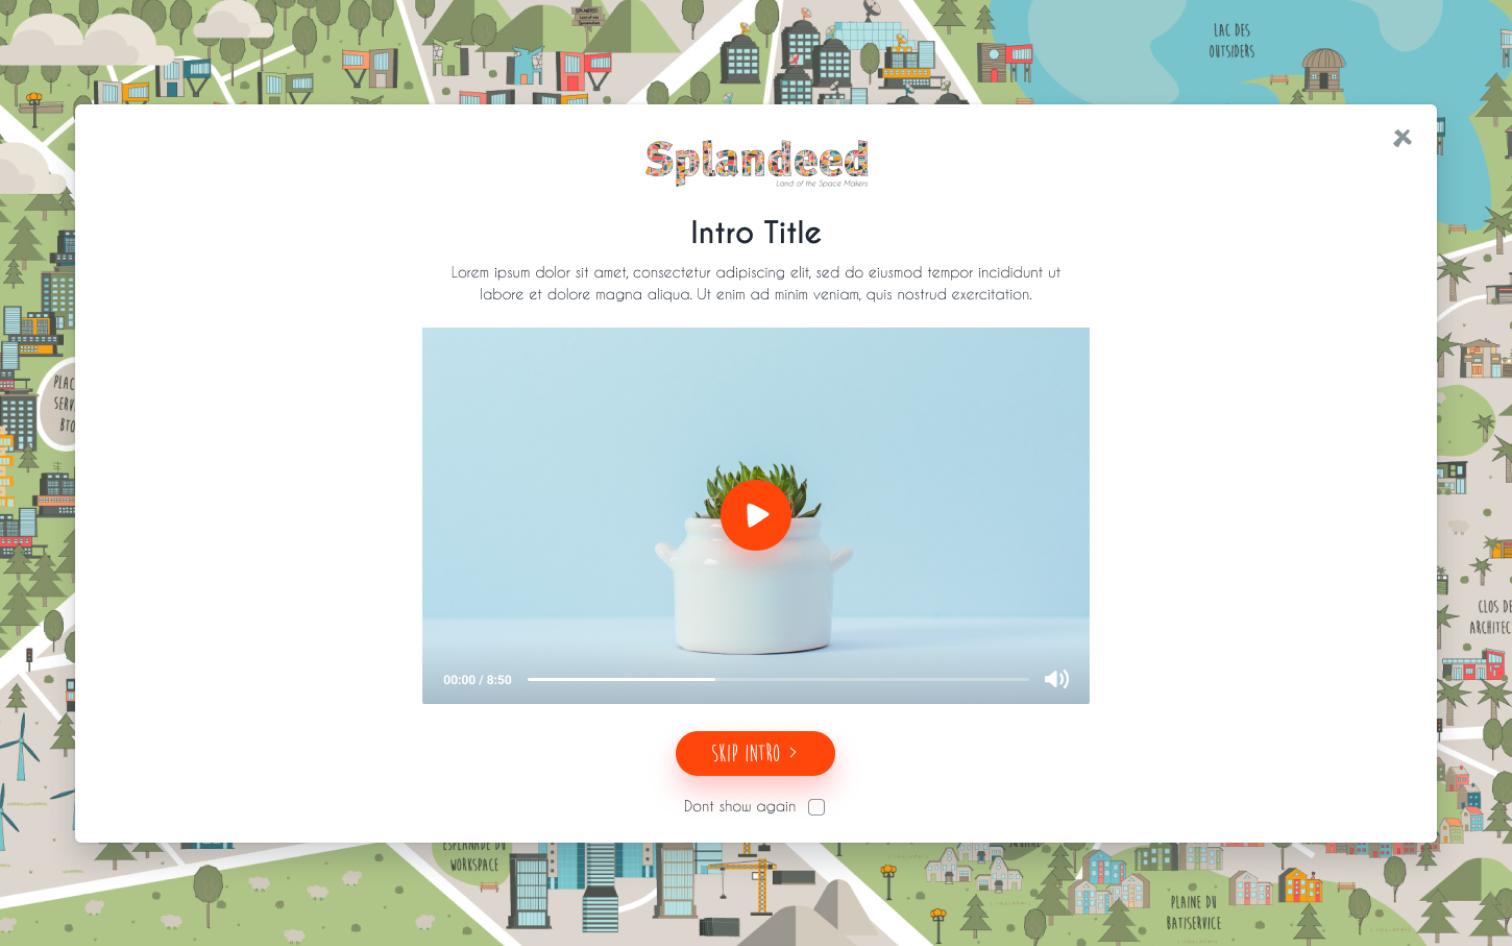 SPLANDEED Website – Intro Slide